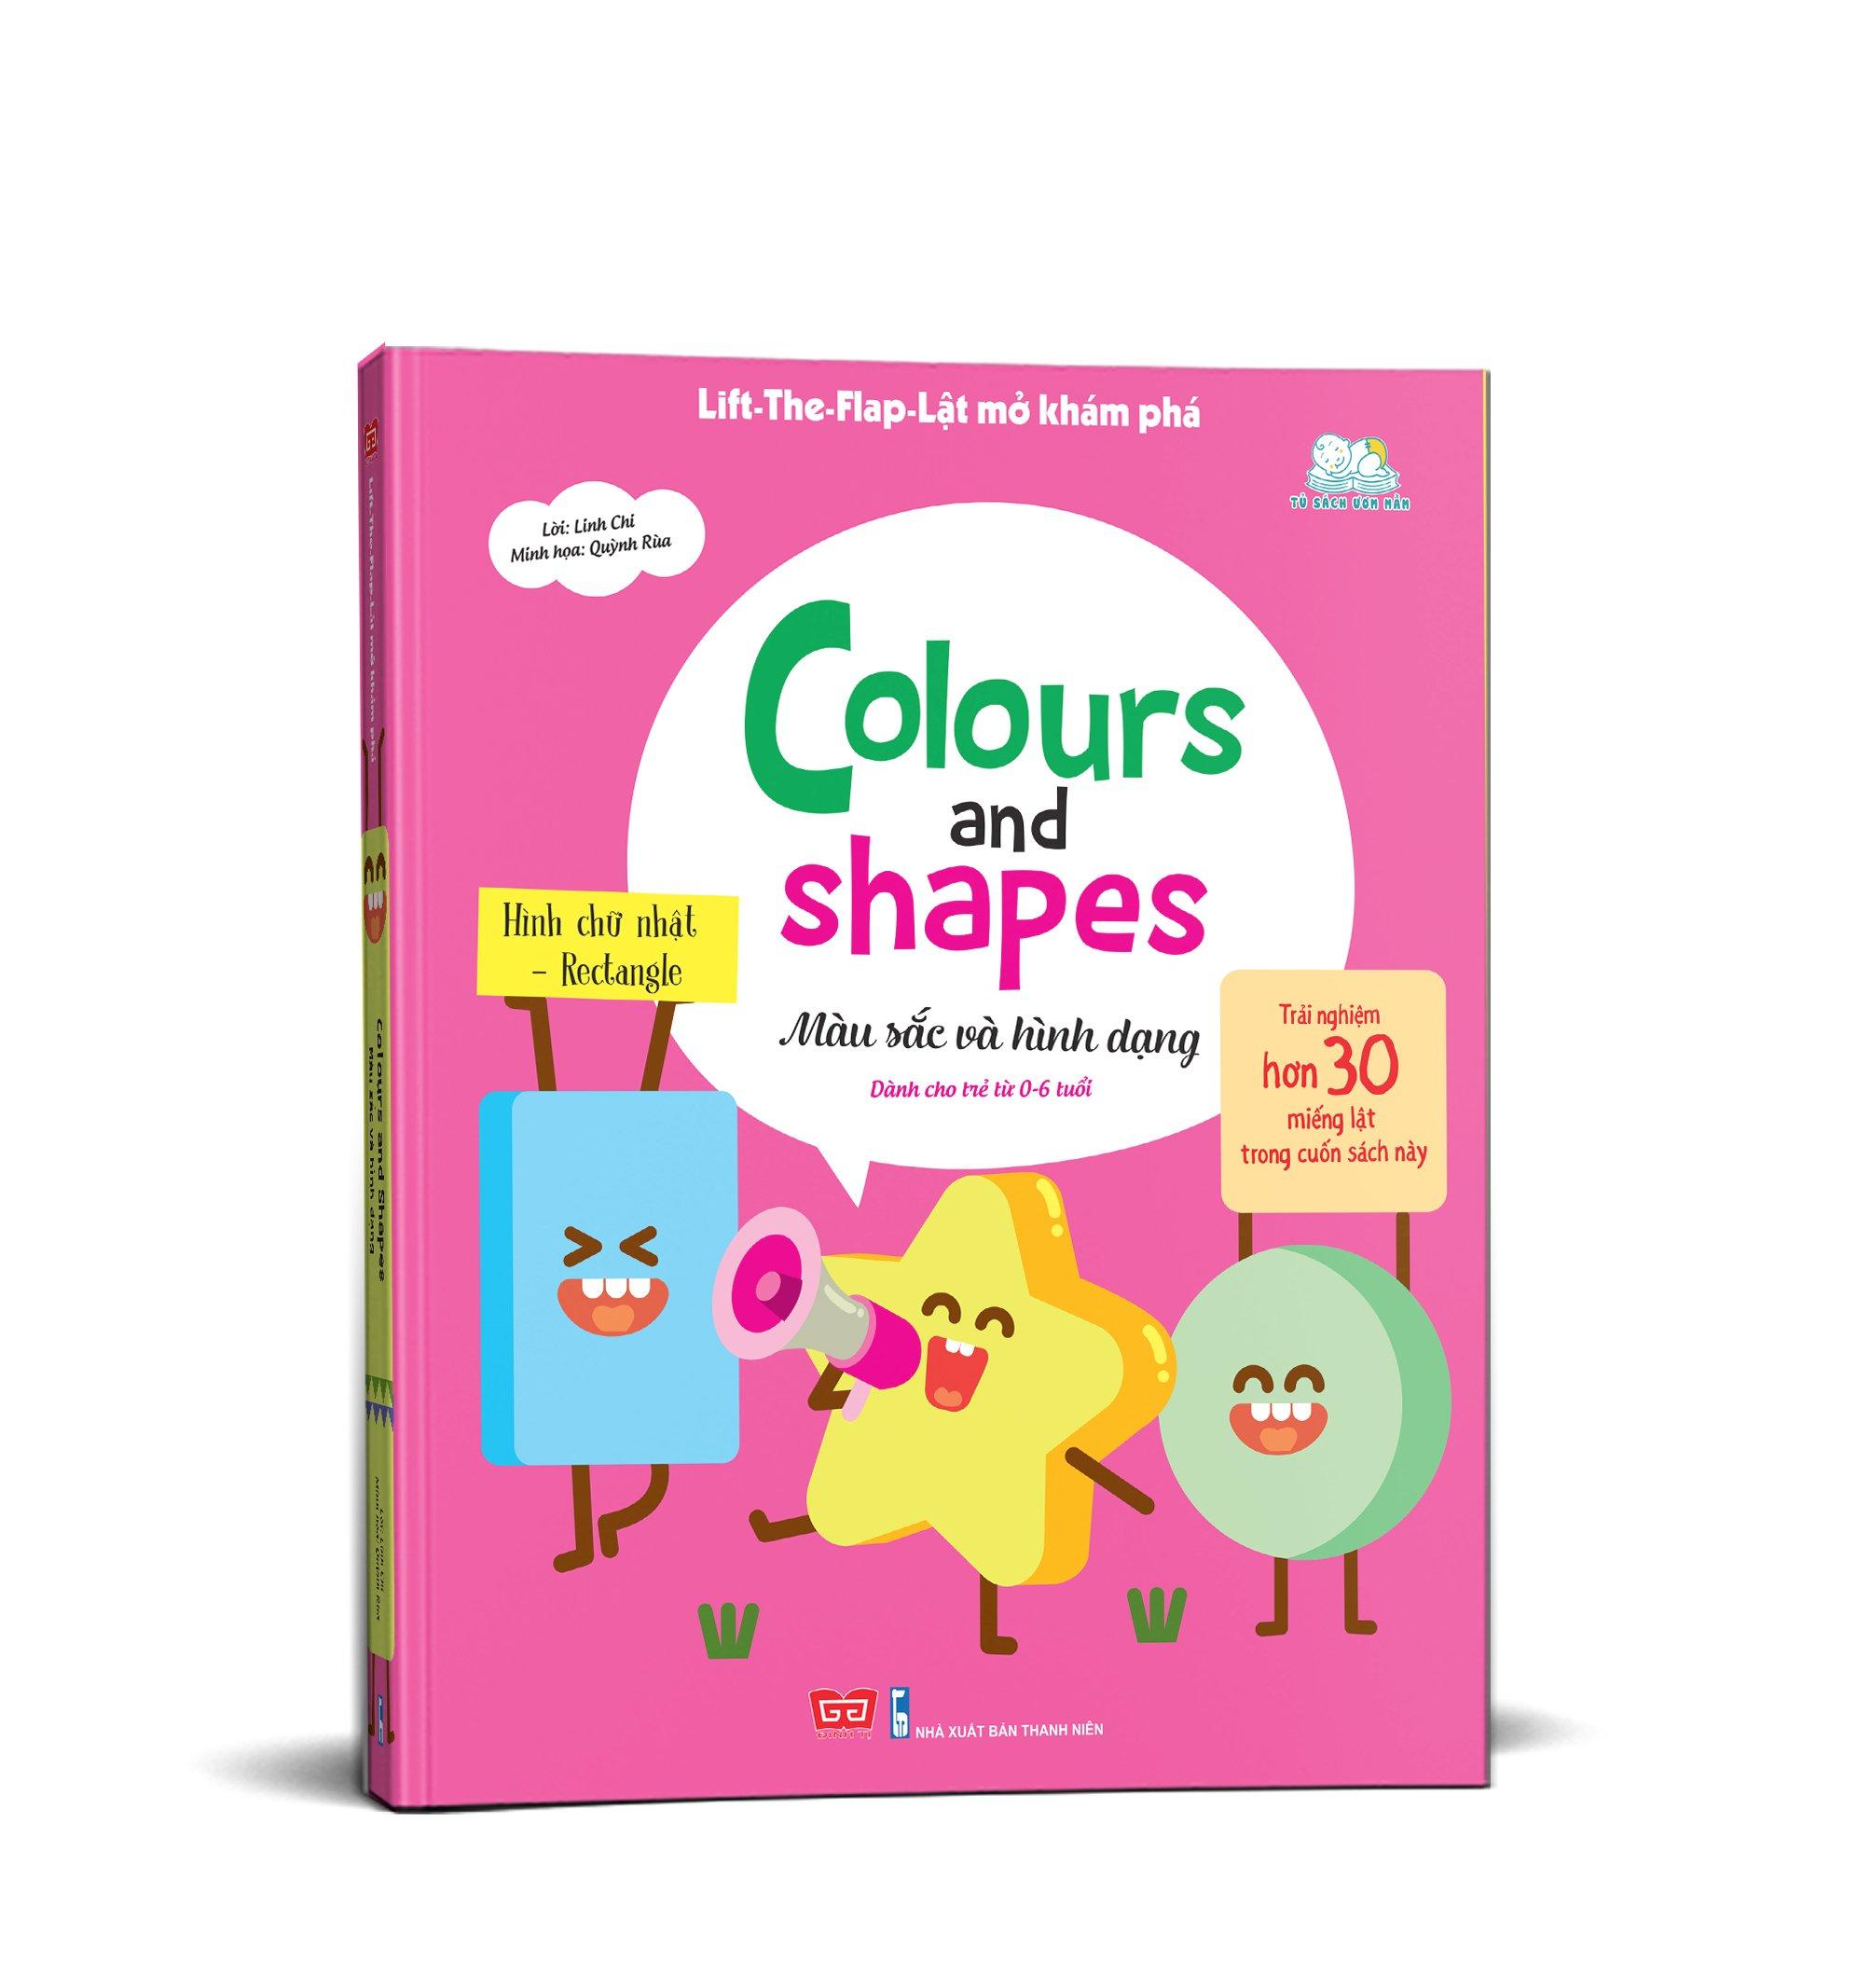 Lift-The-Flap-Lật mở khám phá - Colours and Shapes - Màu sắc và hình dạng